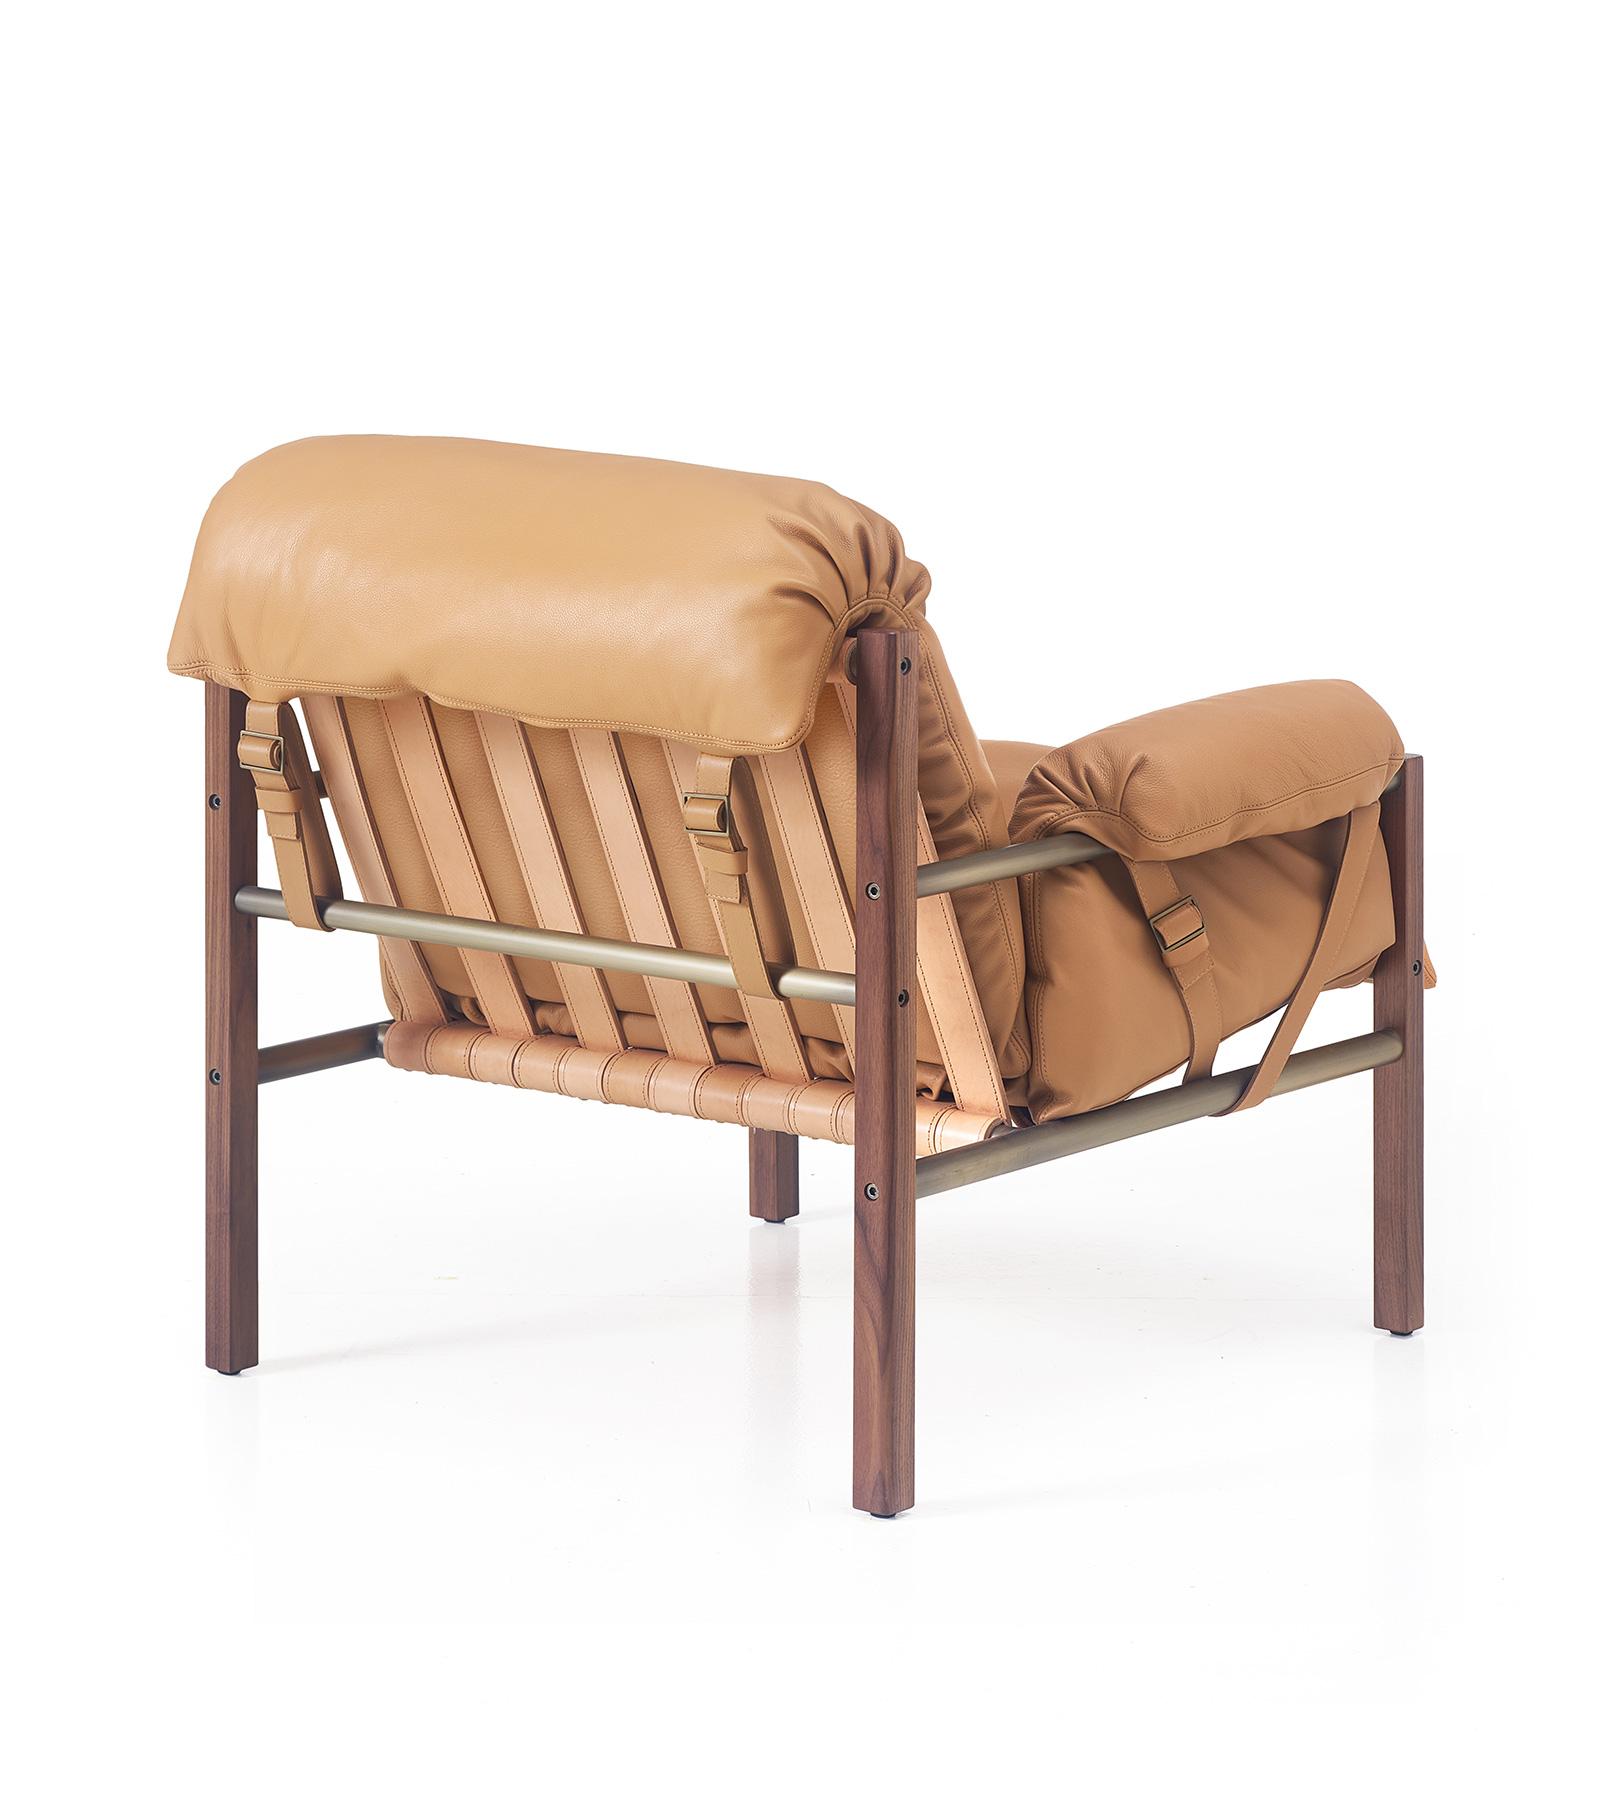 TinnappleMetz-bassamfellows-Sling-Club-Chair-02